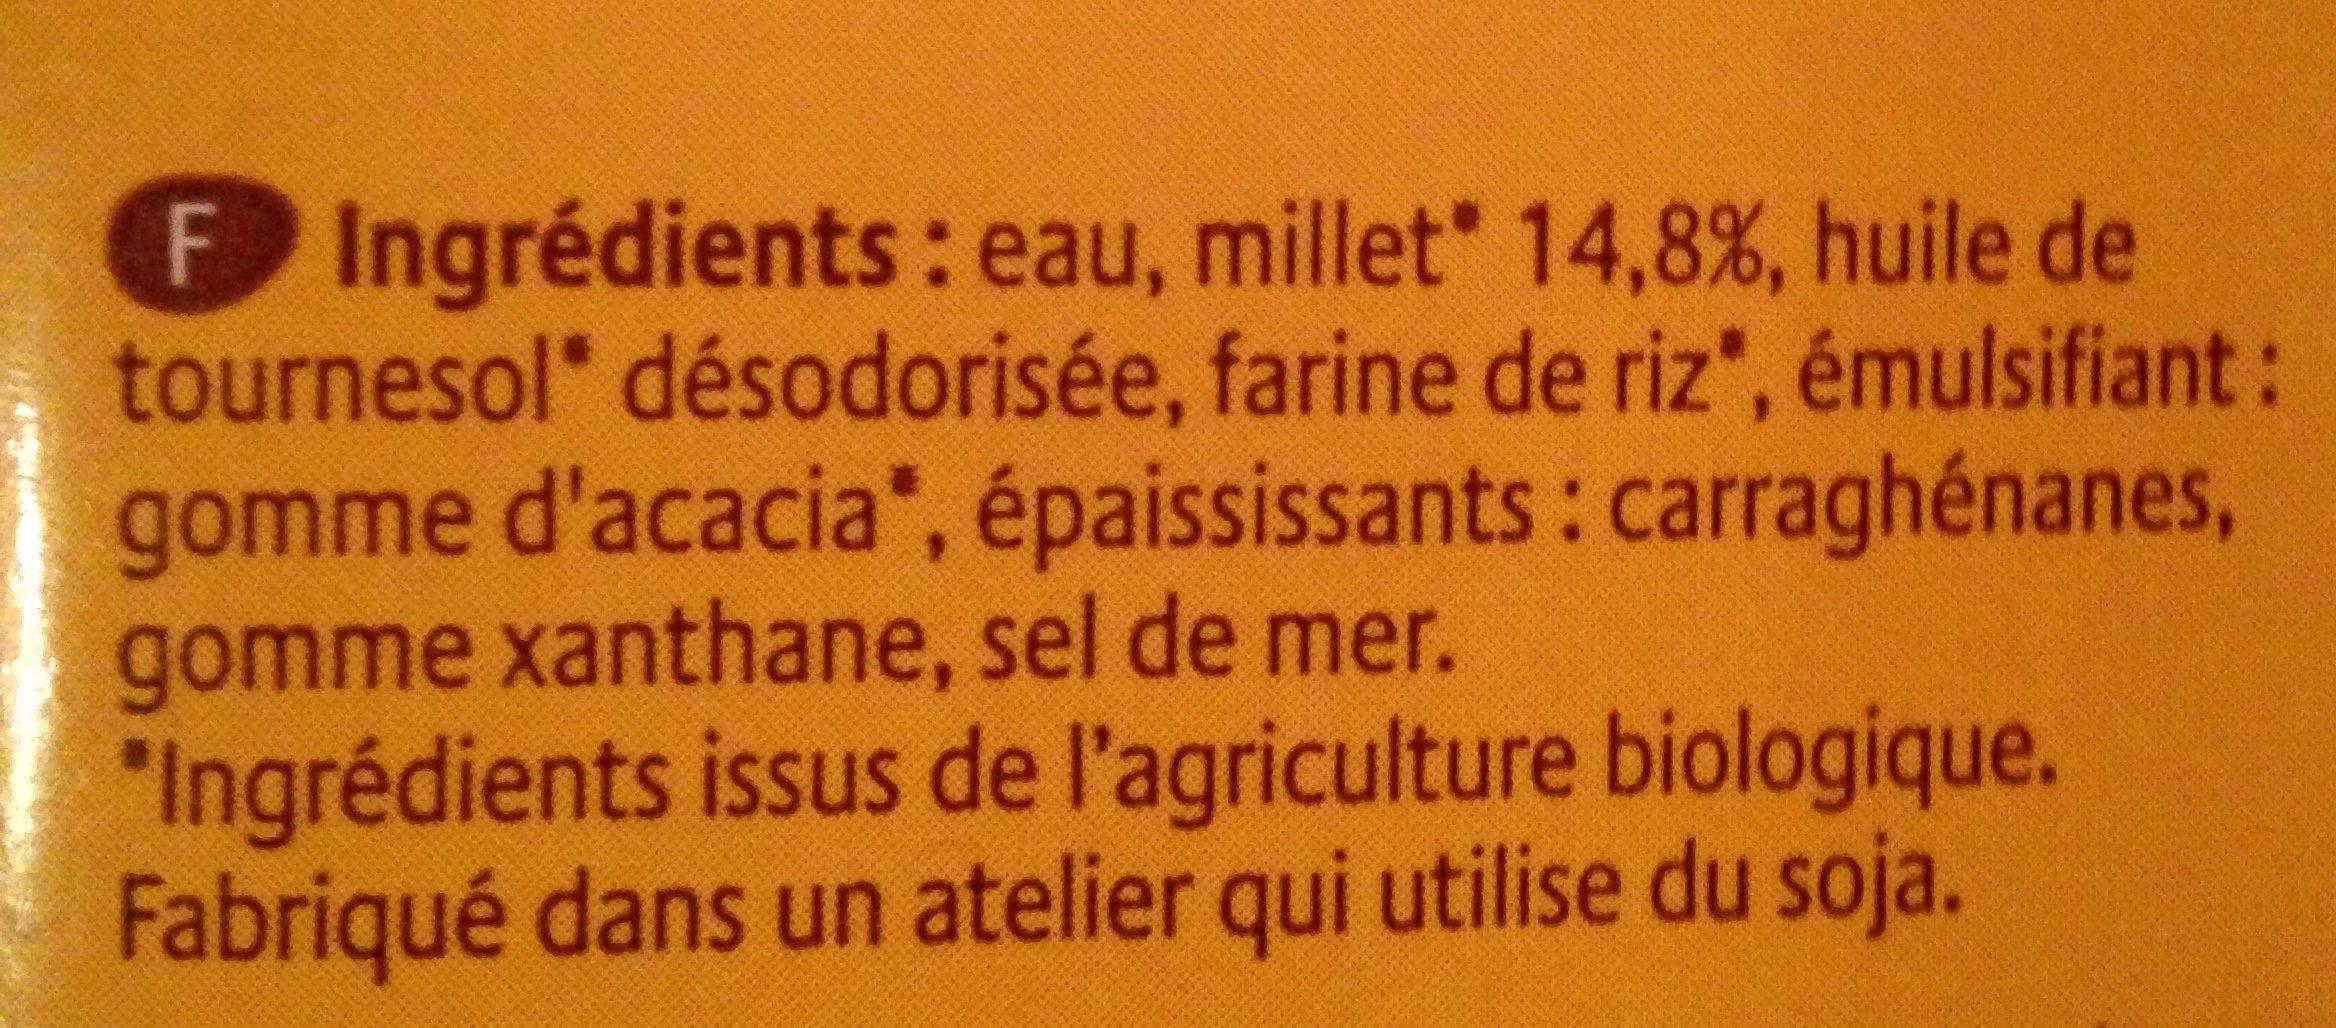 Boisson au Millet français Nature - Ingrédients - fr